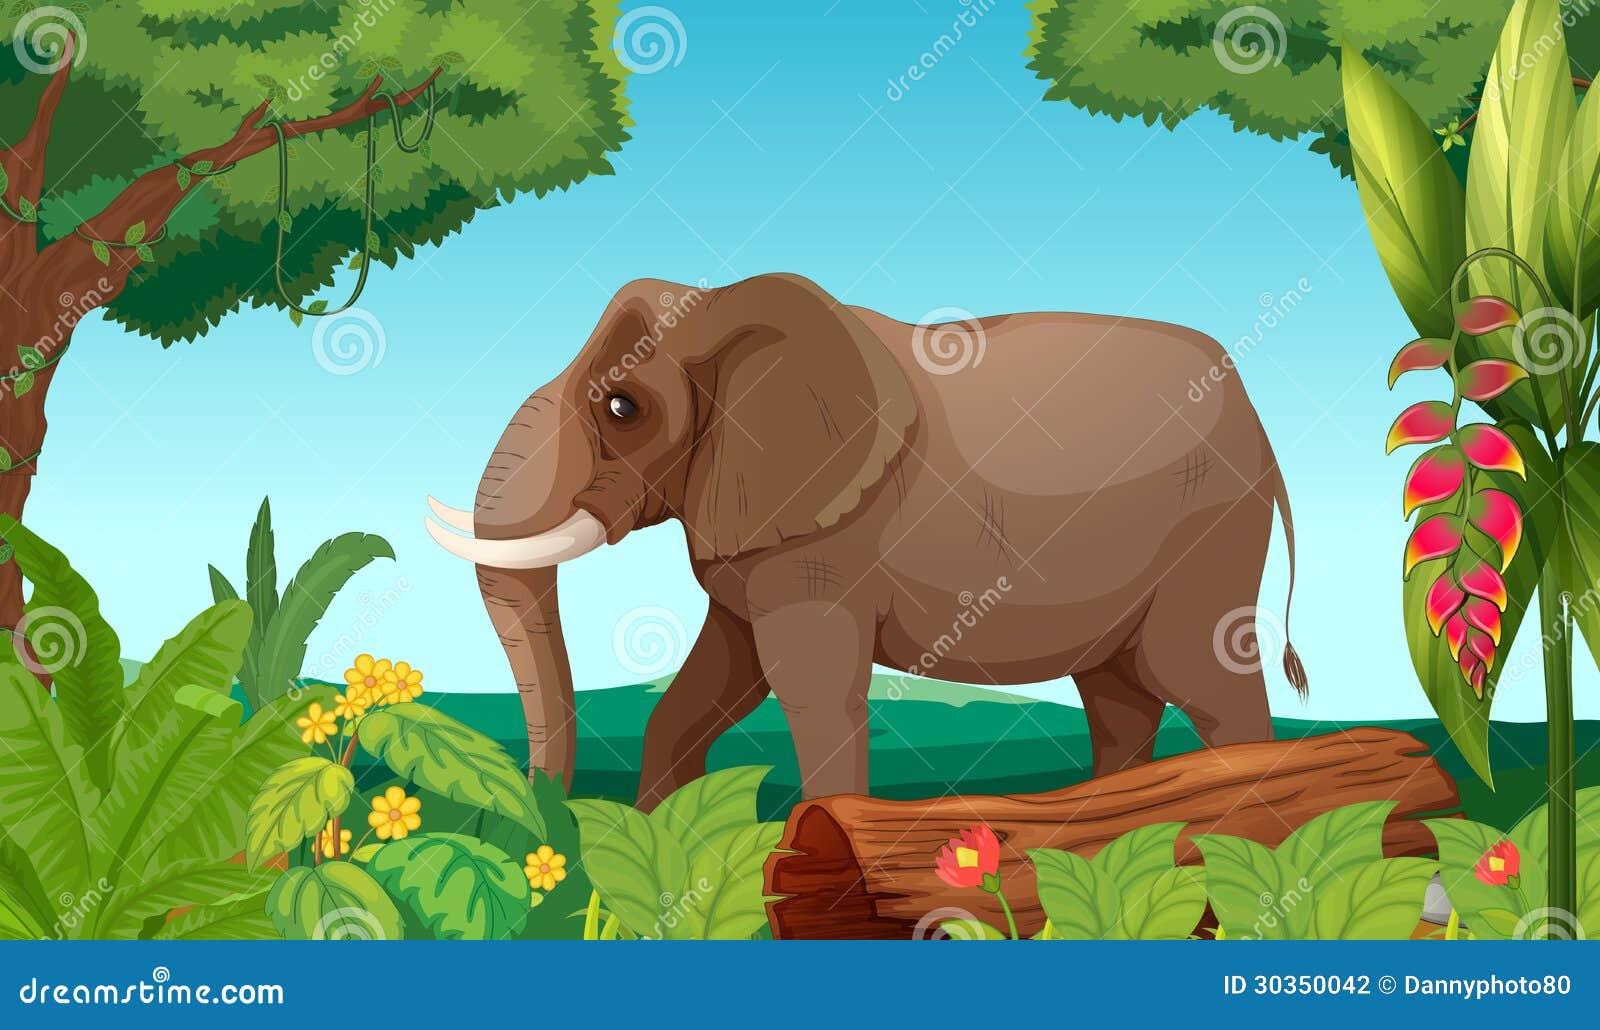 Un elefante grande en la selva